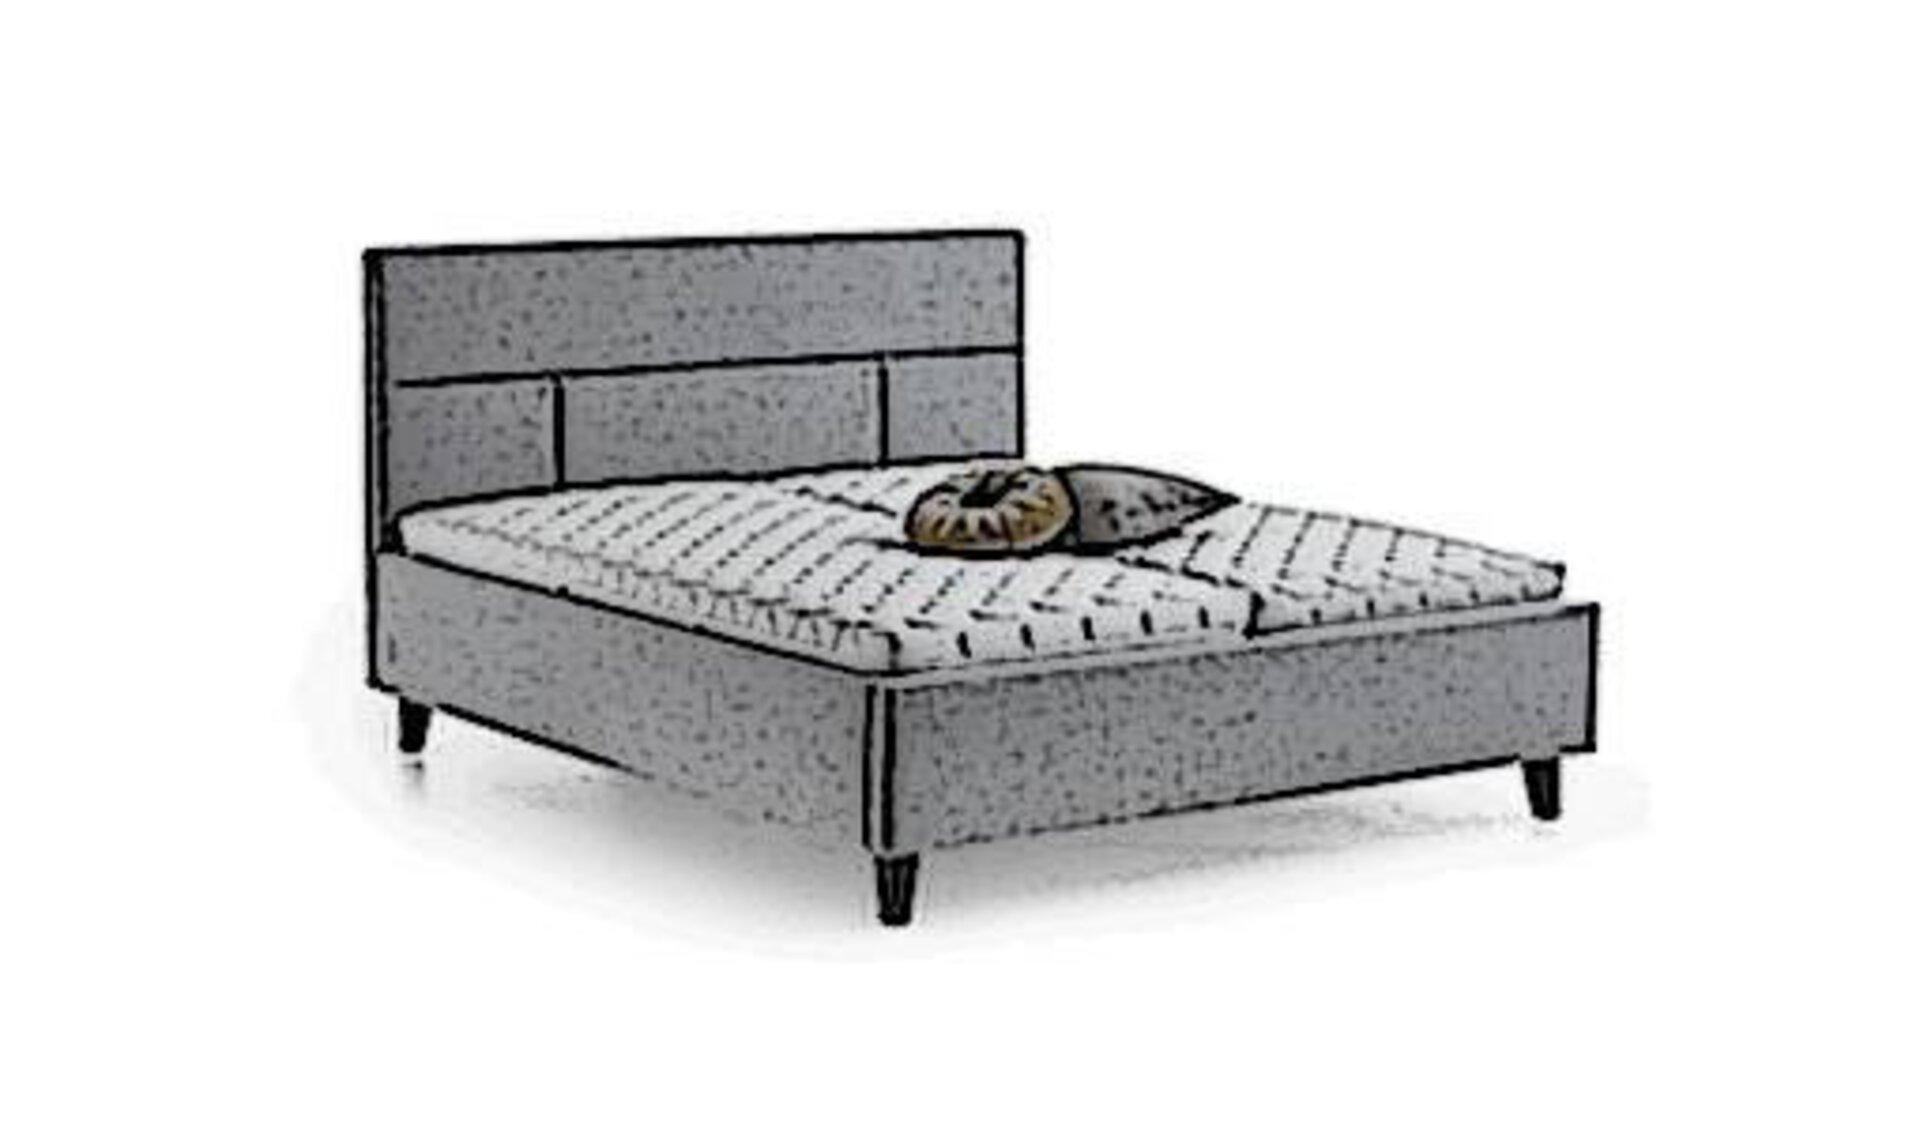 Icon für Polsterbett ist ein stilisiertes Bett mit grauem Stoffbezug und gepolstertem Rückenteil.